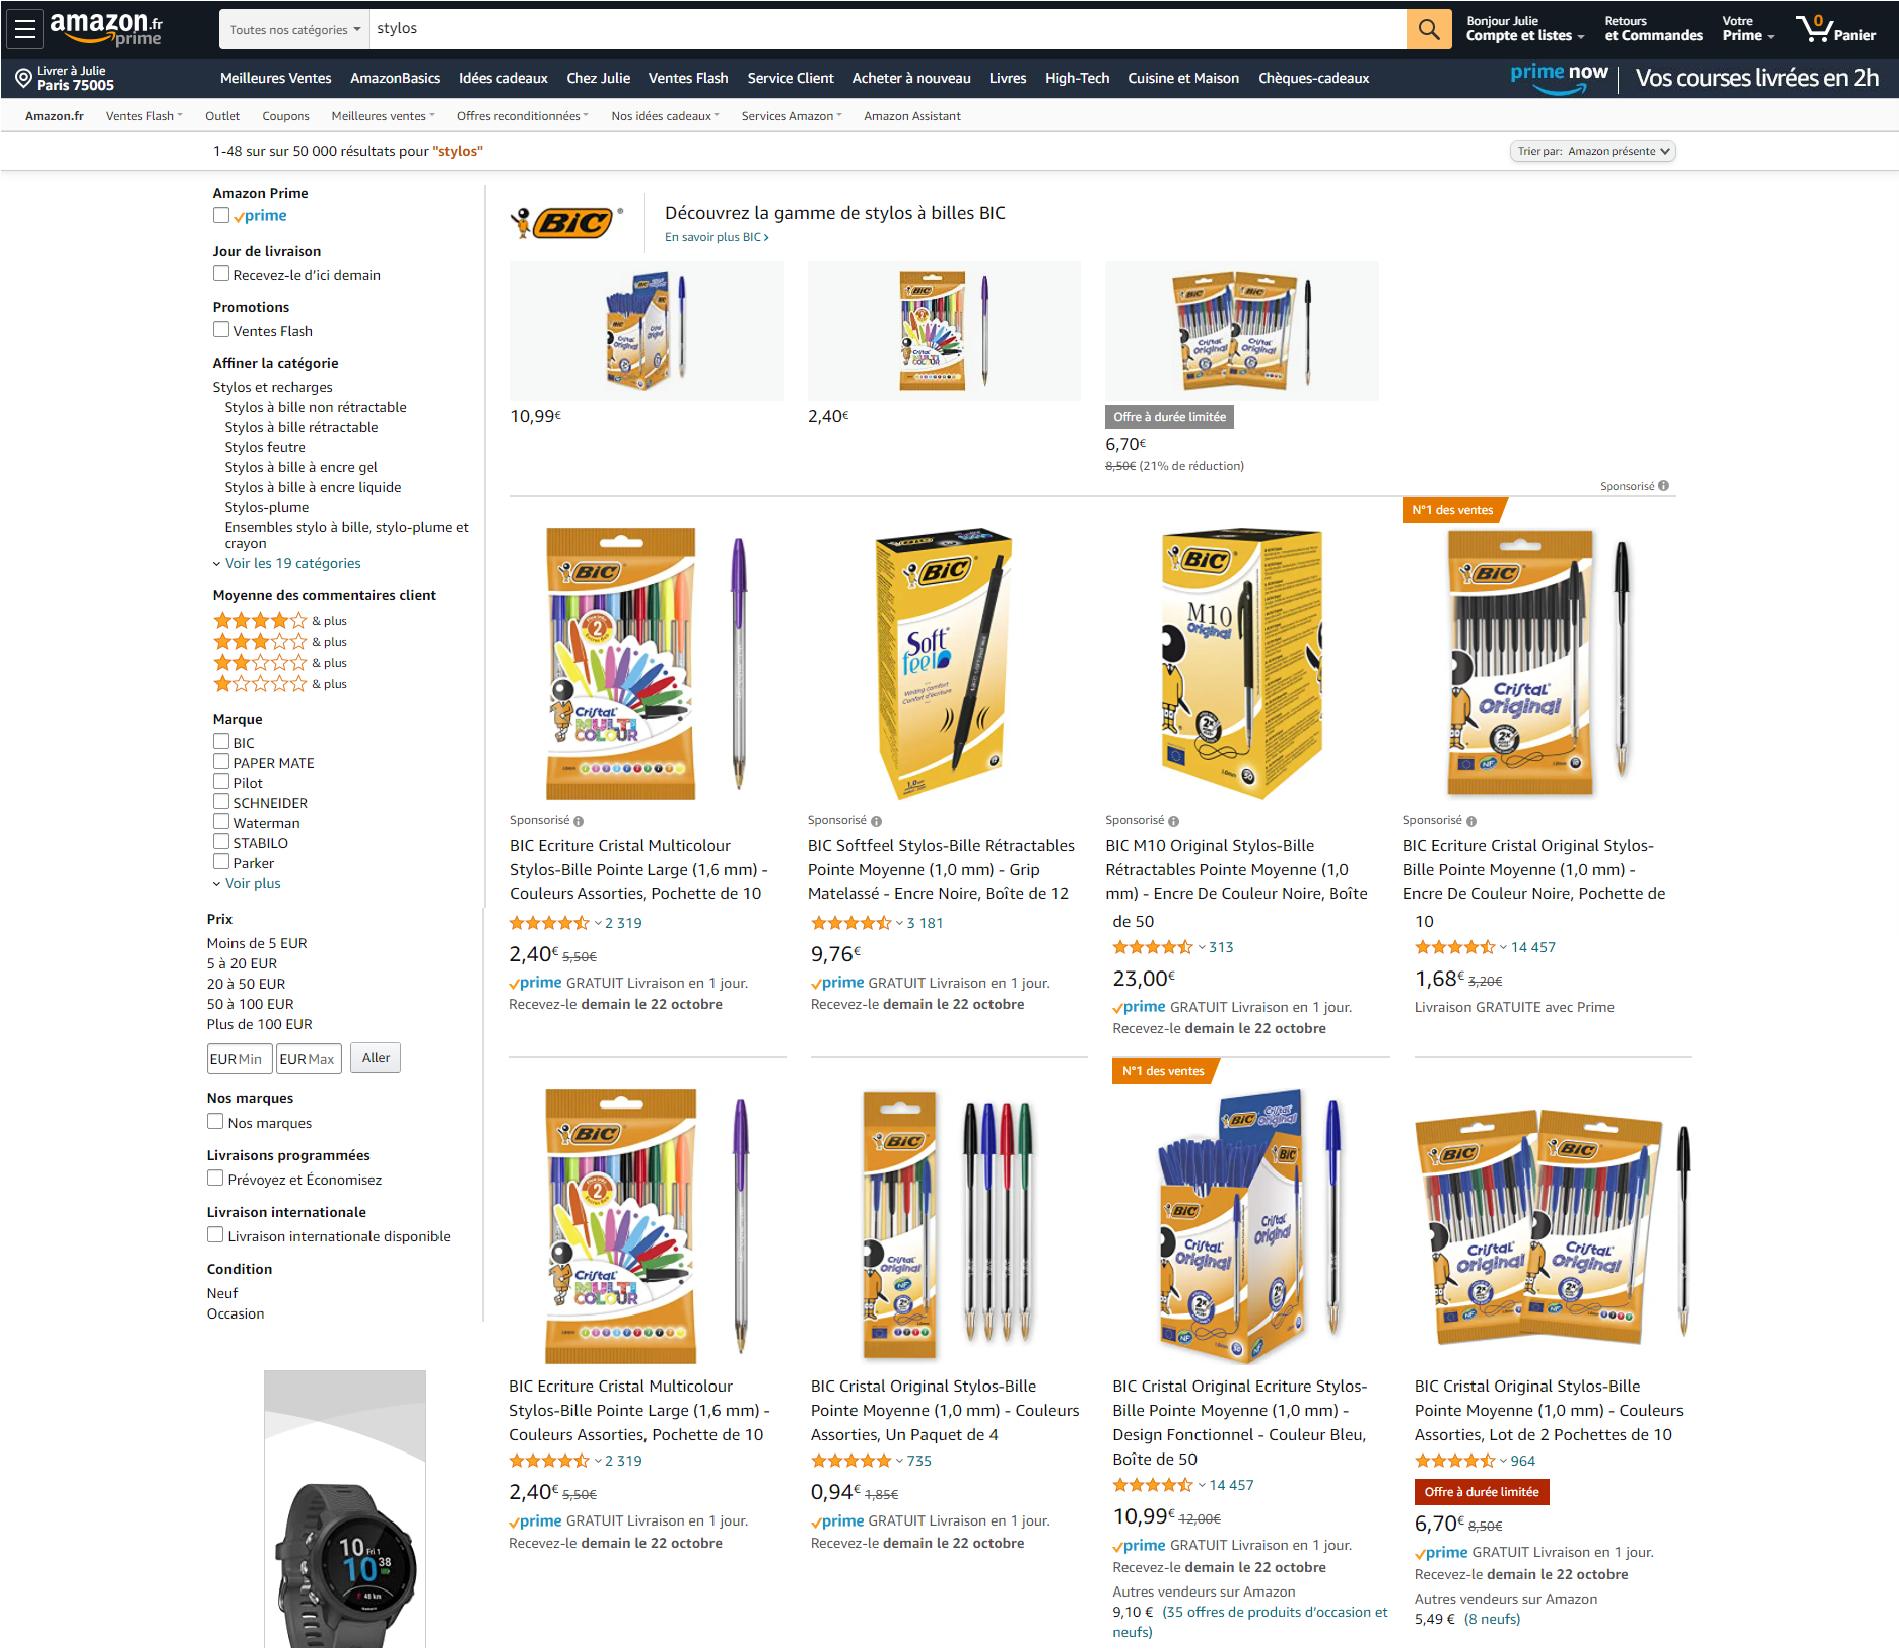 BIC on Amazon